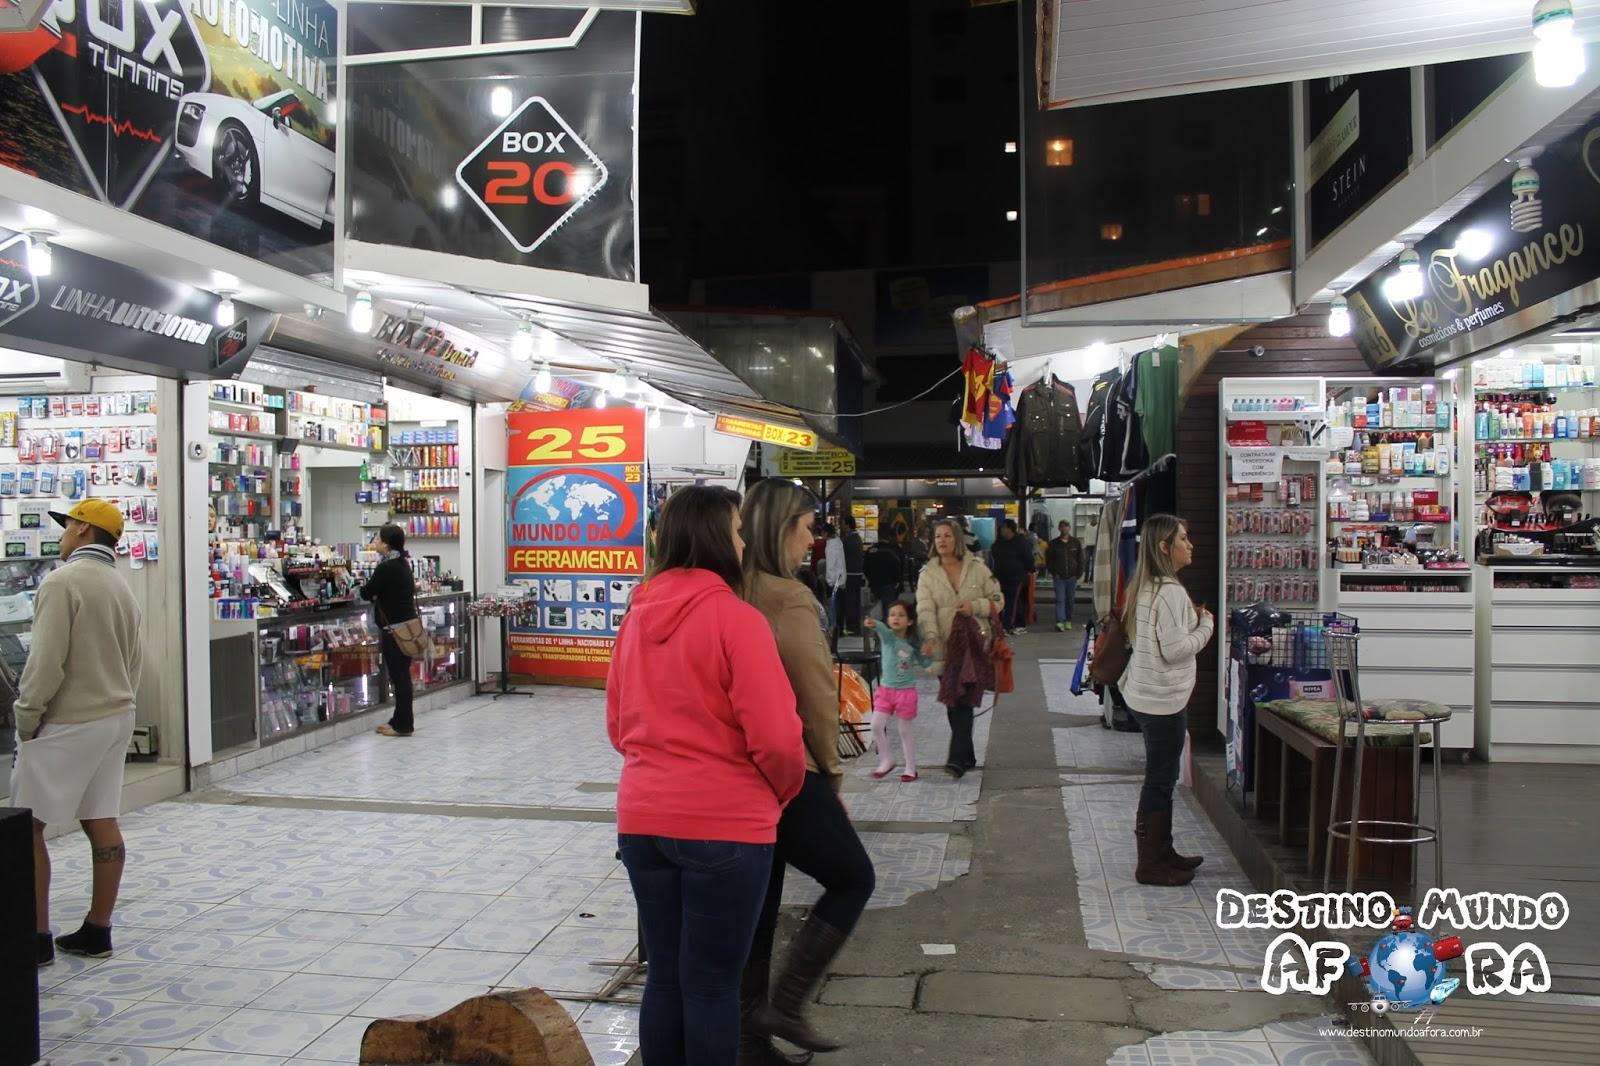 Imagens de #A22932 Destino Mundo Afora: Camelódromo de Balneário Camboriú: diversidade  1600x1066 px 3172 Box Banheiro Acrilico Balneario Camboriu